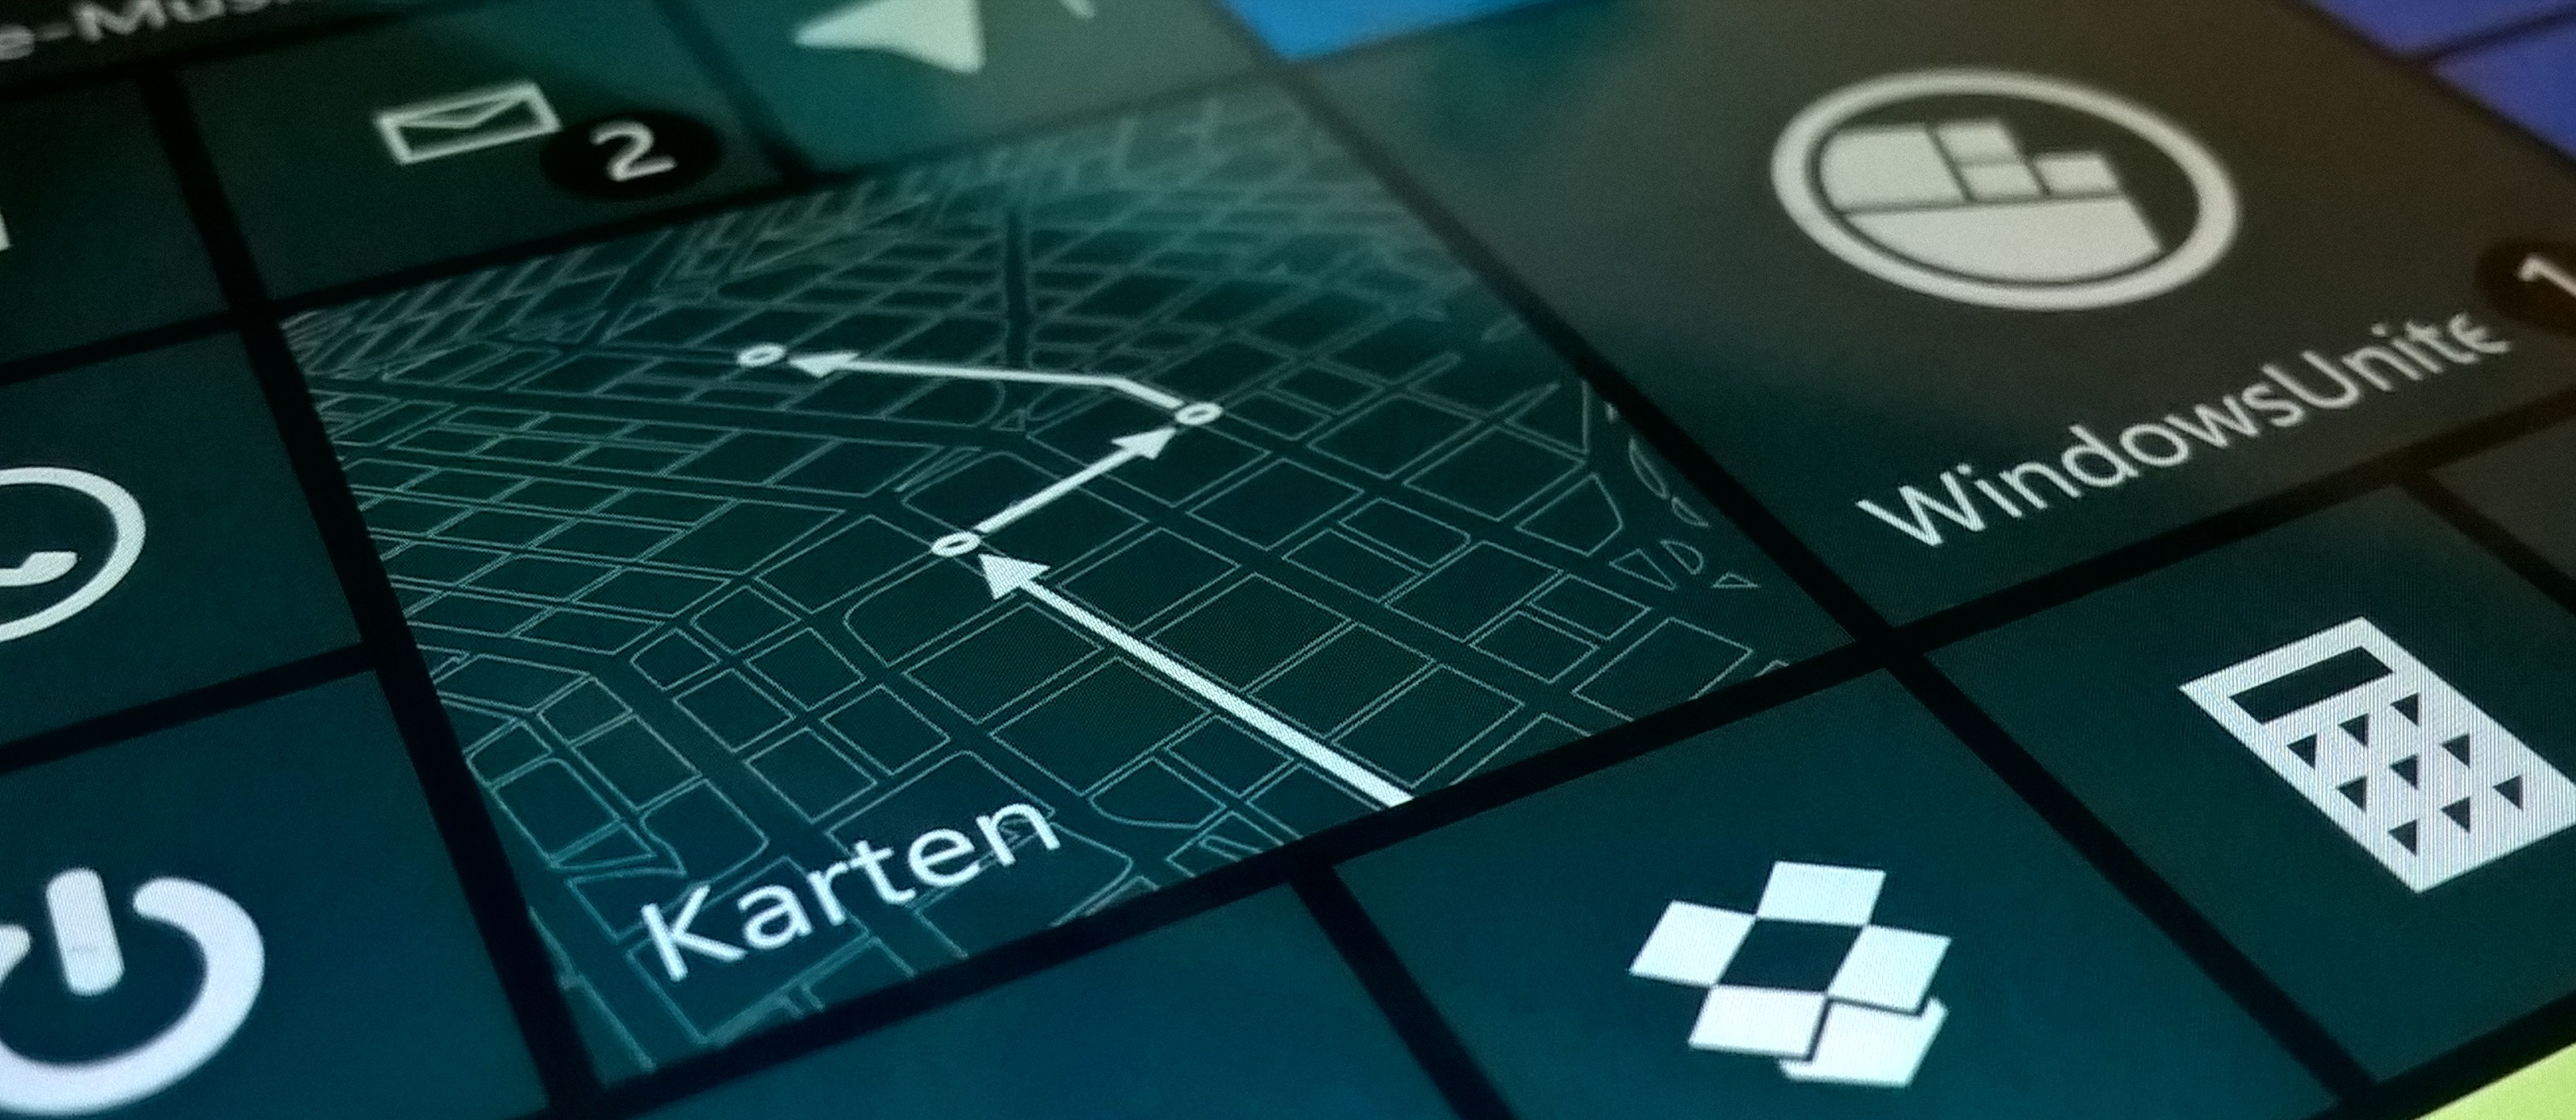 Karten App